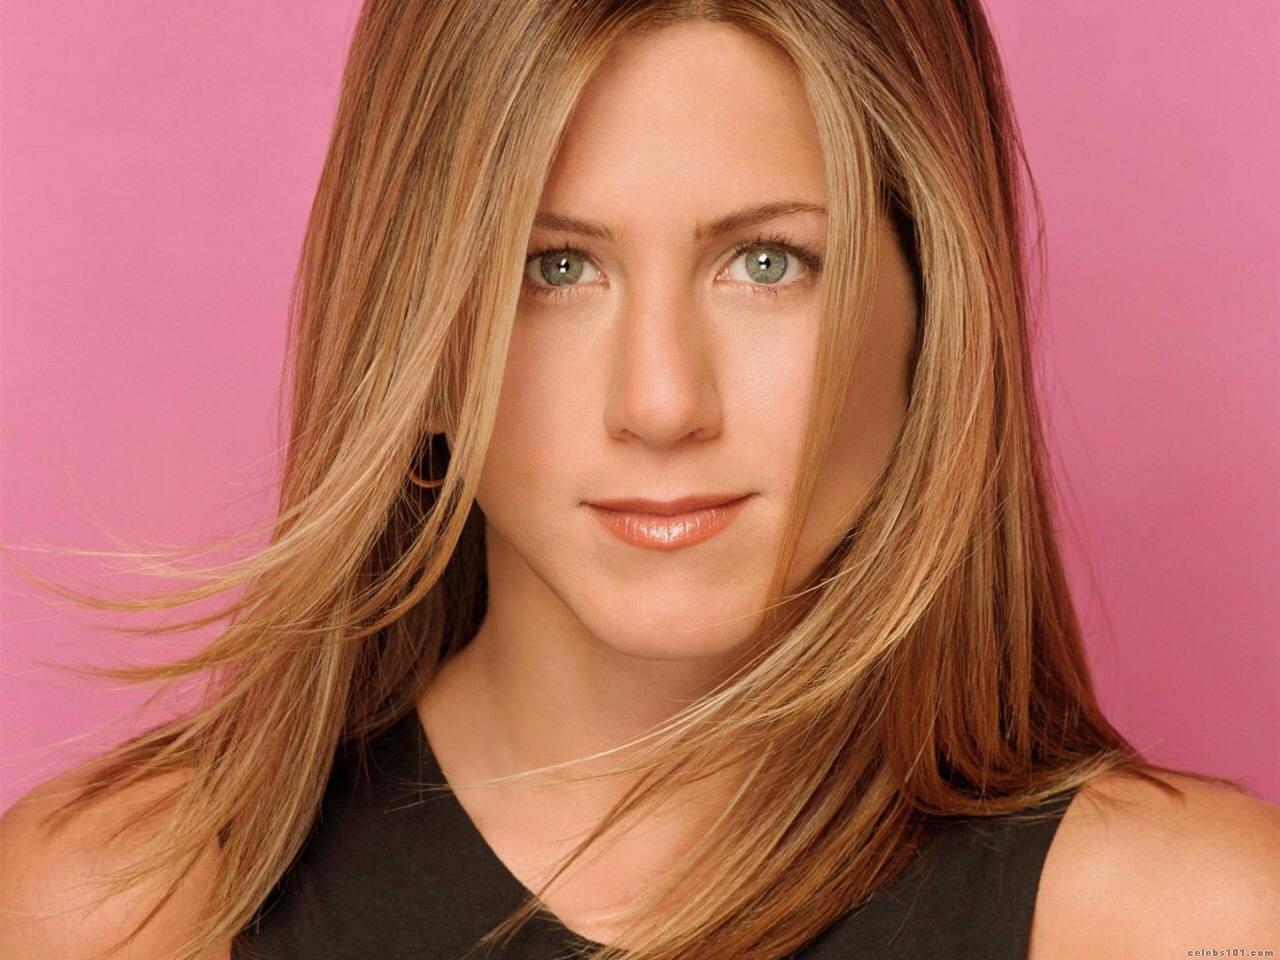 http://3.bp.blogspot.com/_UtNW1JfsC-M/TBQCHBjoBRI/AAAAAAAABZc/IjfsJ4nRH7k/s1600/Jennifer+Aniston+Wallpapers+Hot+Gilrs+Inn.jpg.jpg